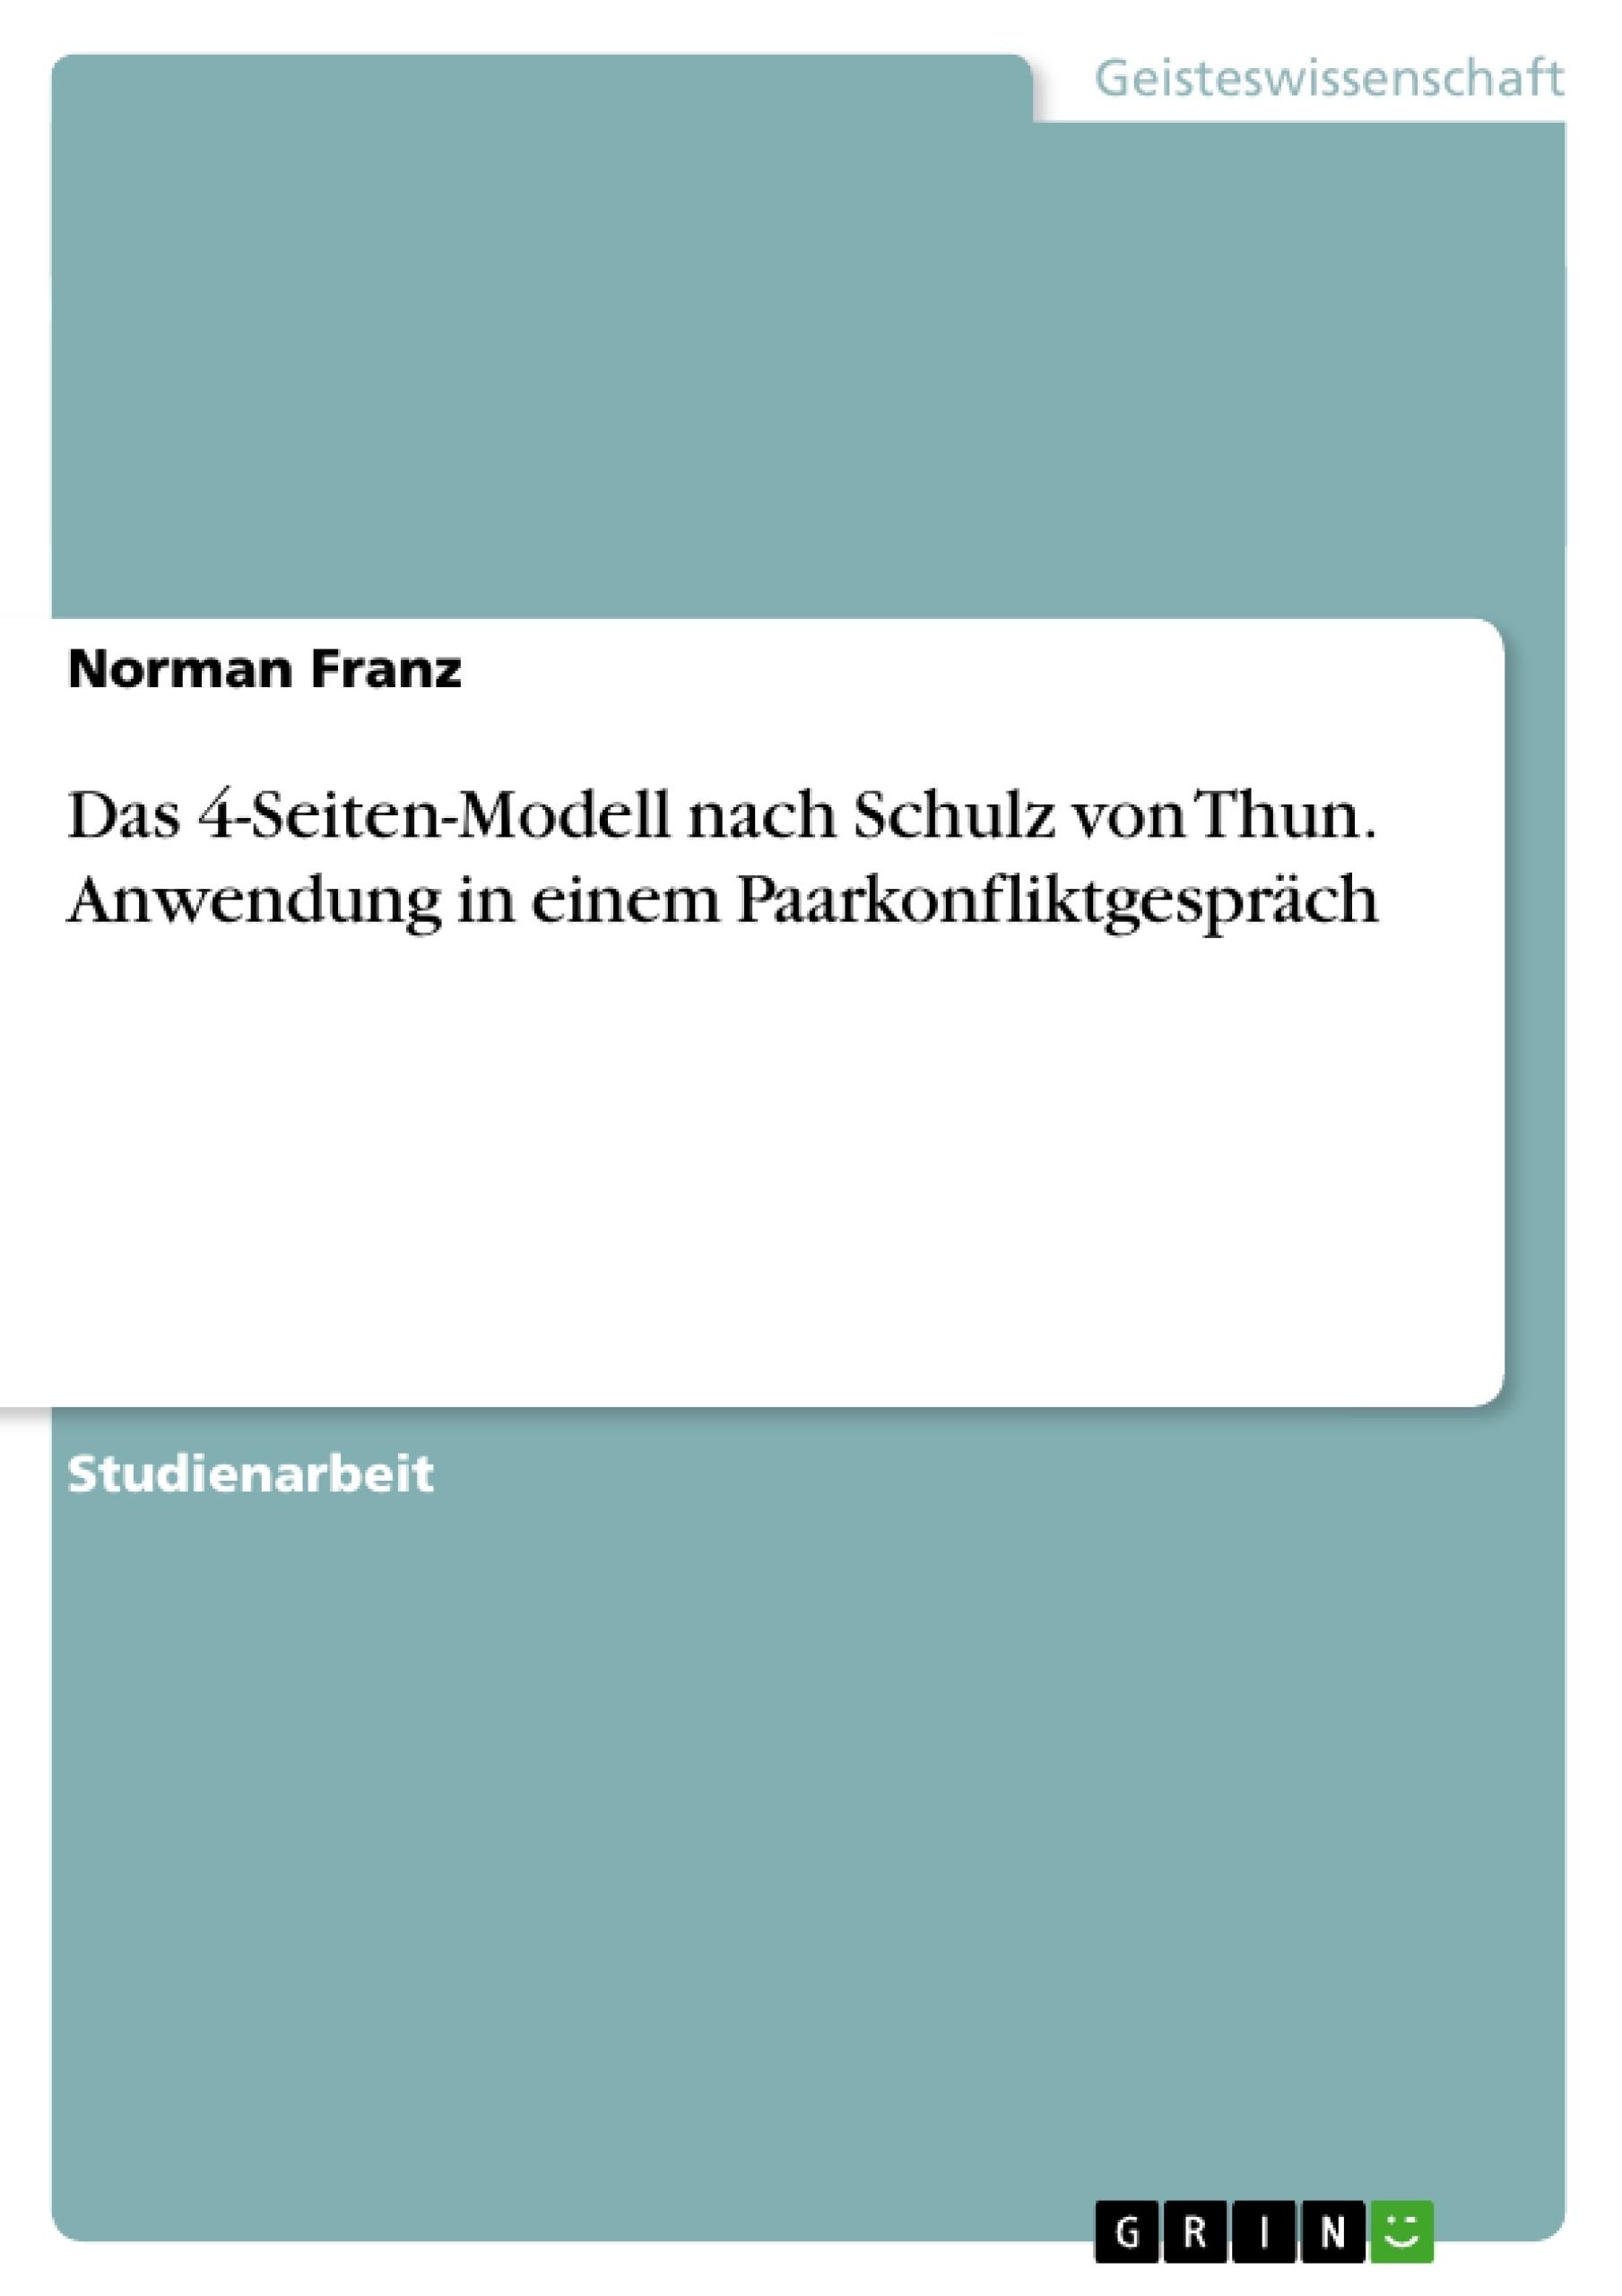 Titel: Das 4-Seiten-Modell nach Schulz von Thun. Anwendung in einem Paarkonfliktgespräch